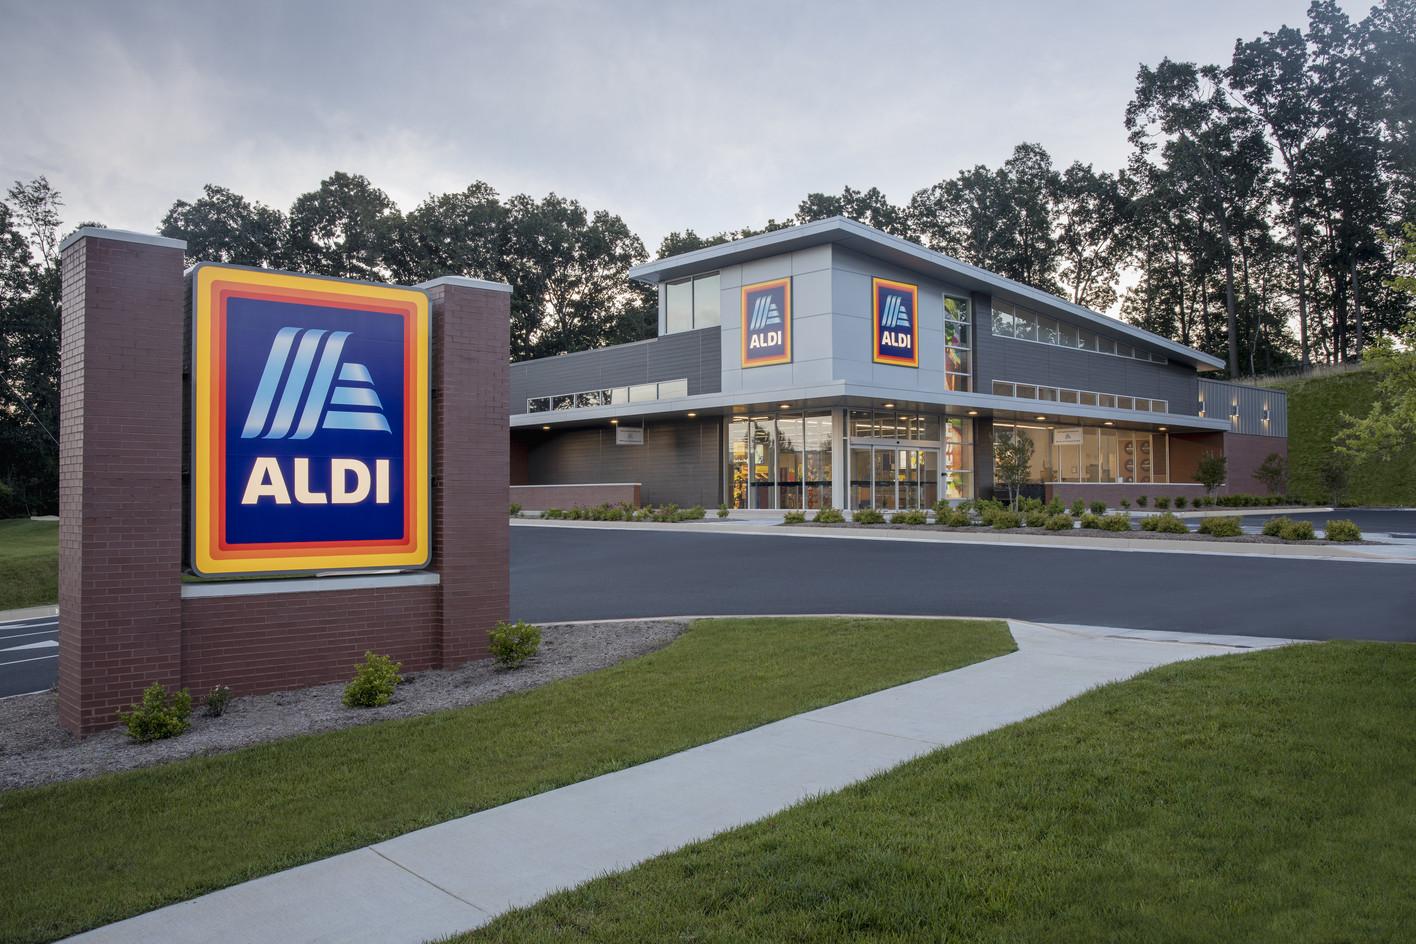 ALDI Store Images | ALDI US